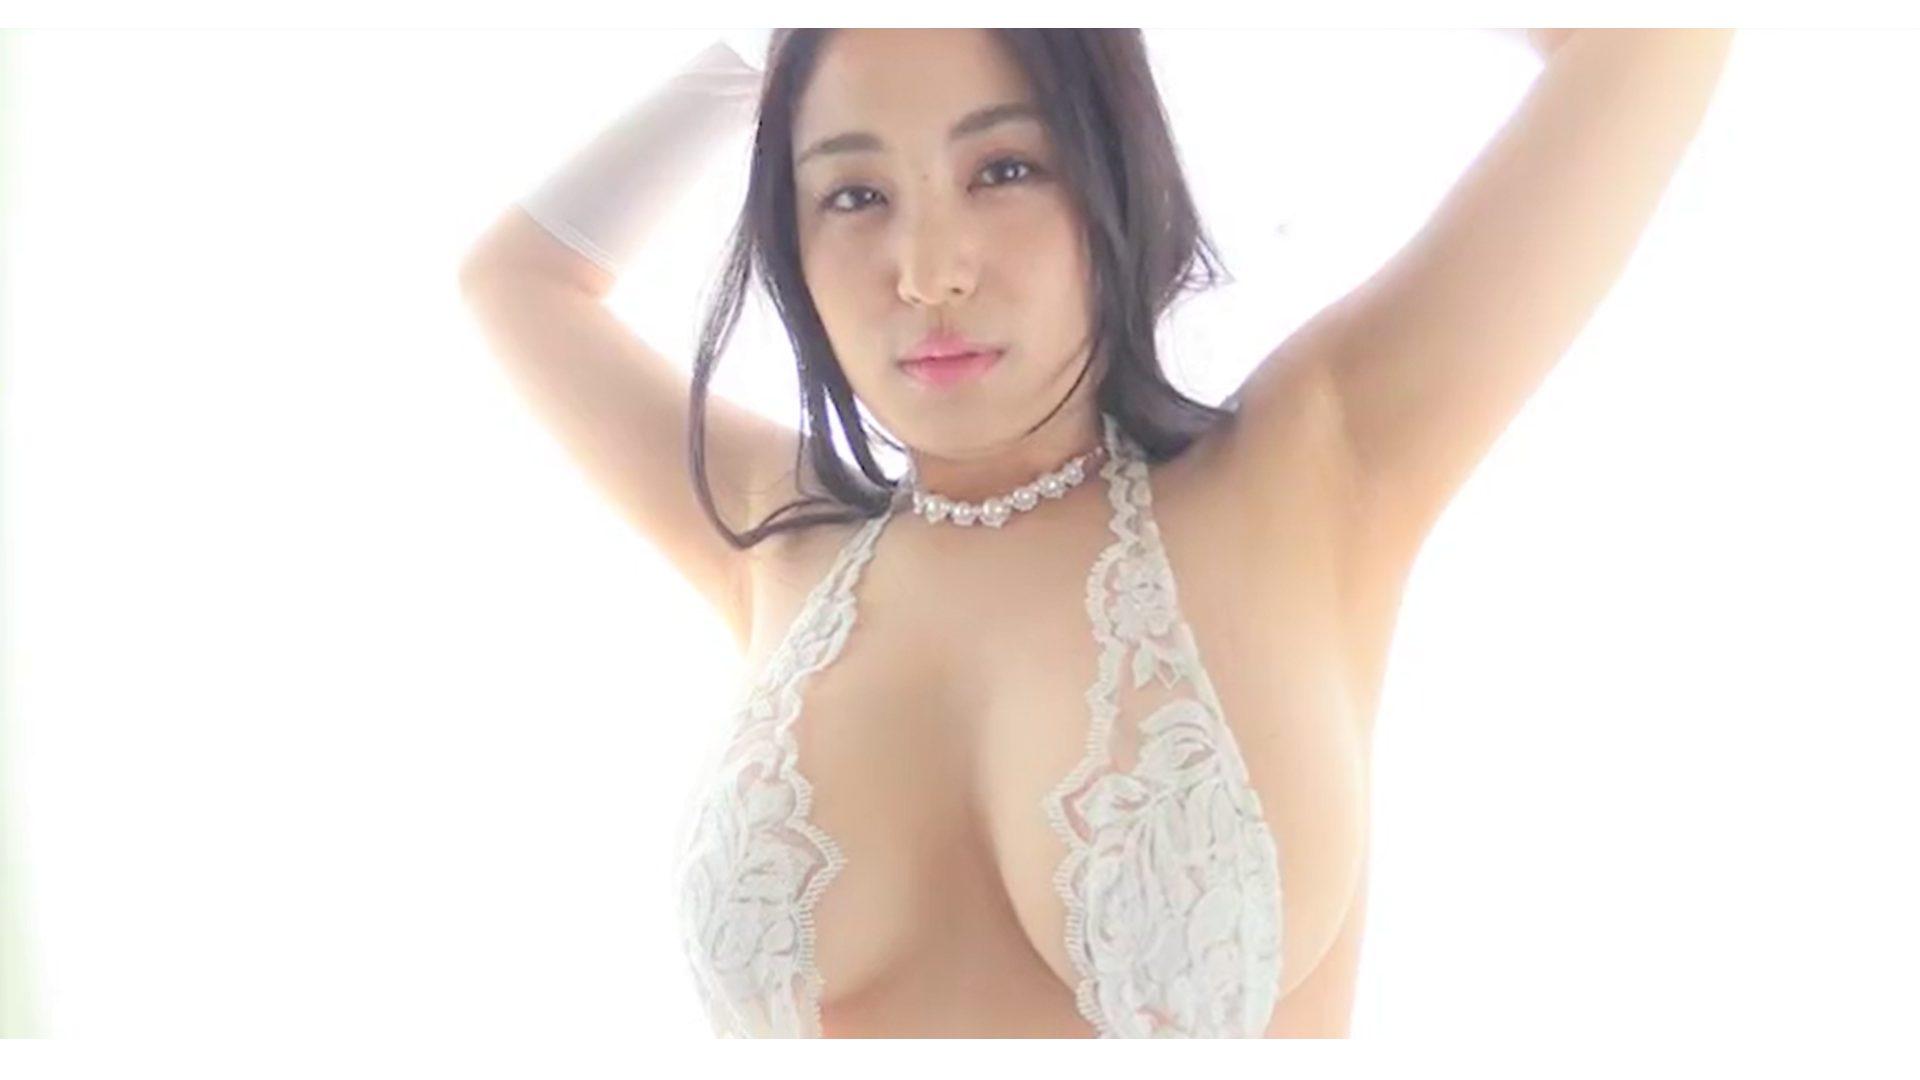 【トロたん】Hカップ4 「耽溺」サンプル動画